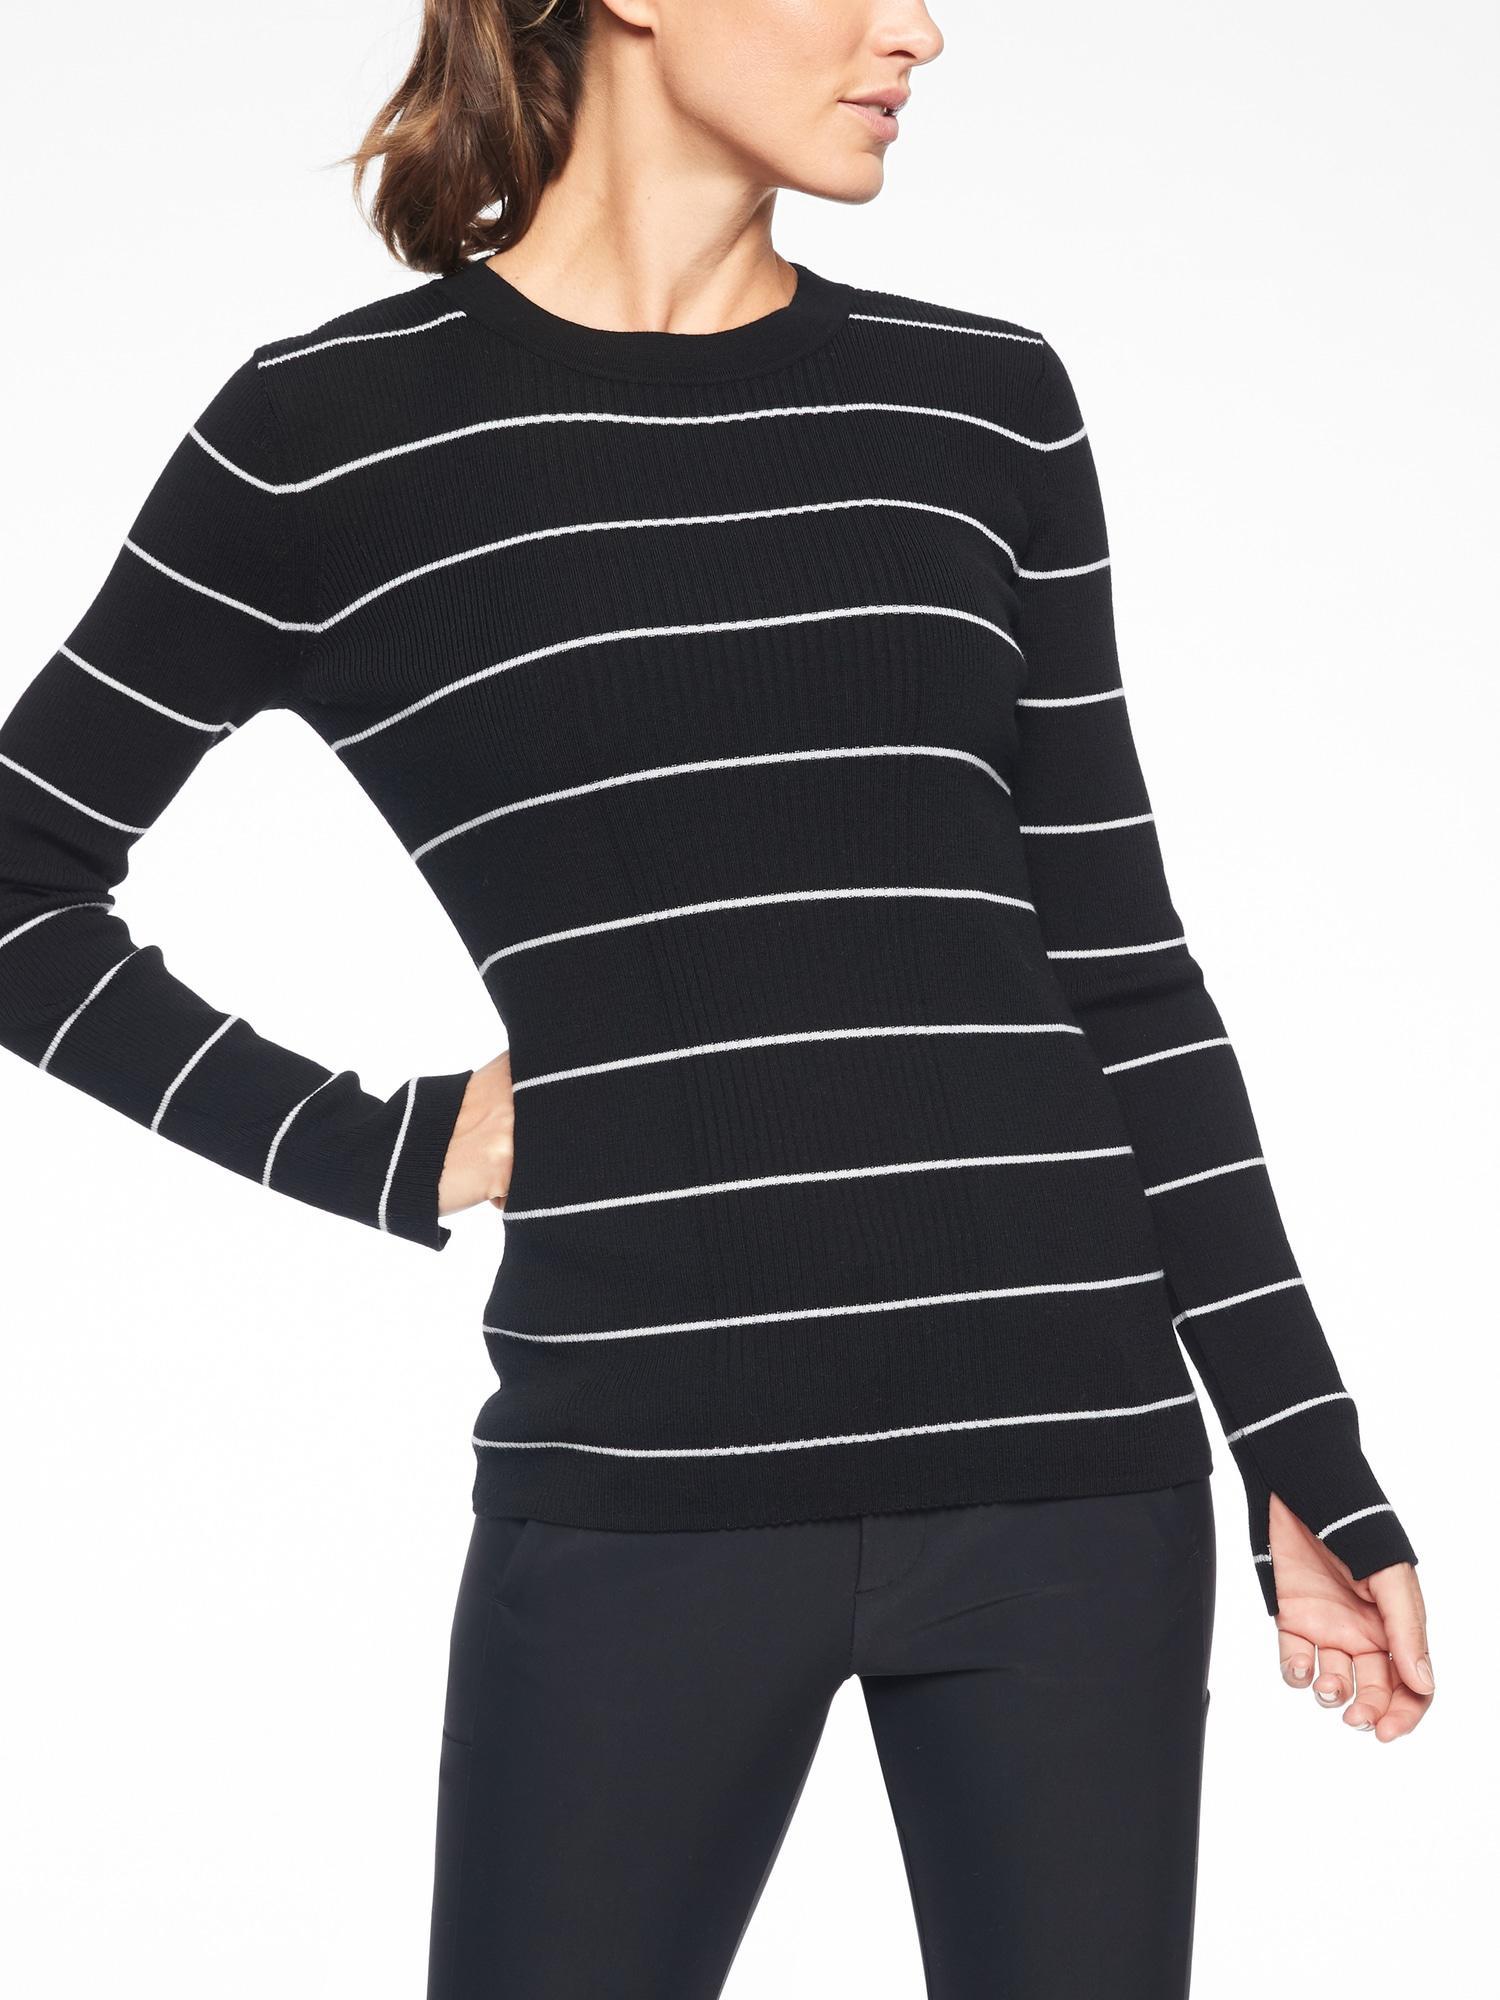 f43889e91b7dd Lyst - Athleta Bayside Sweater in Black